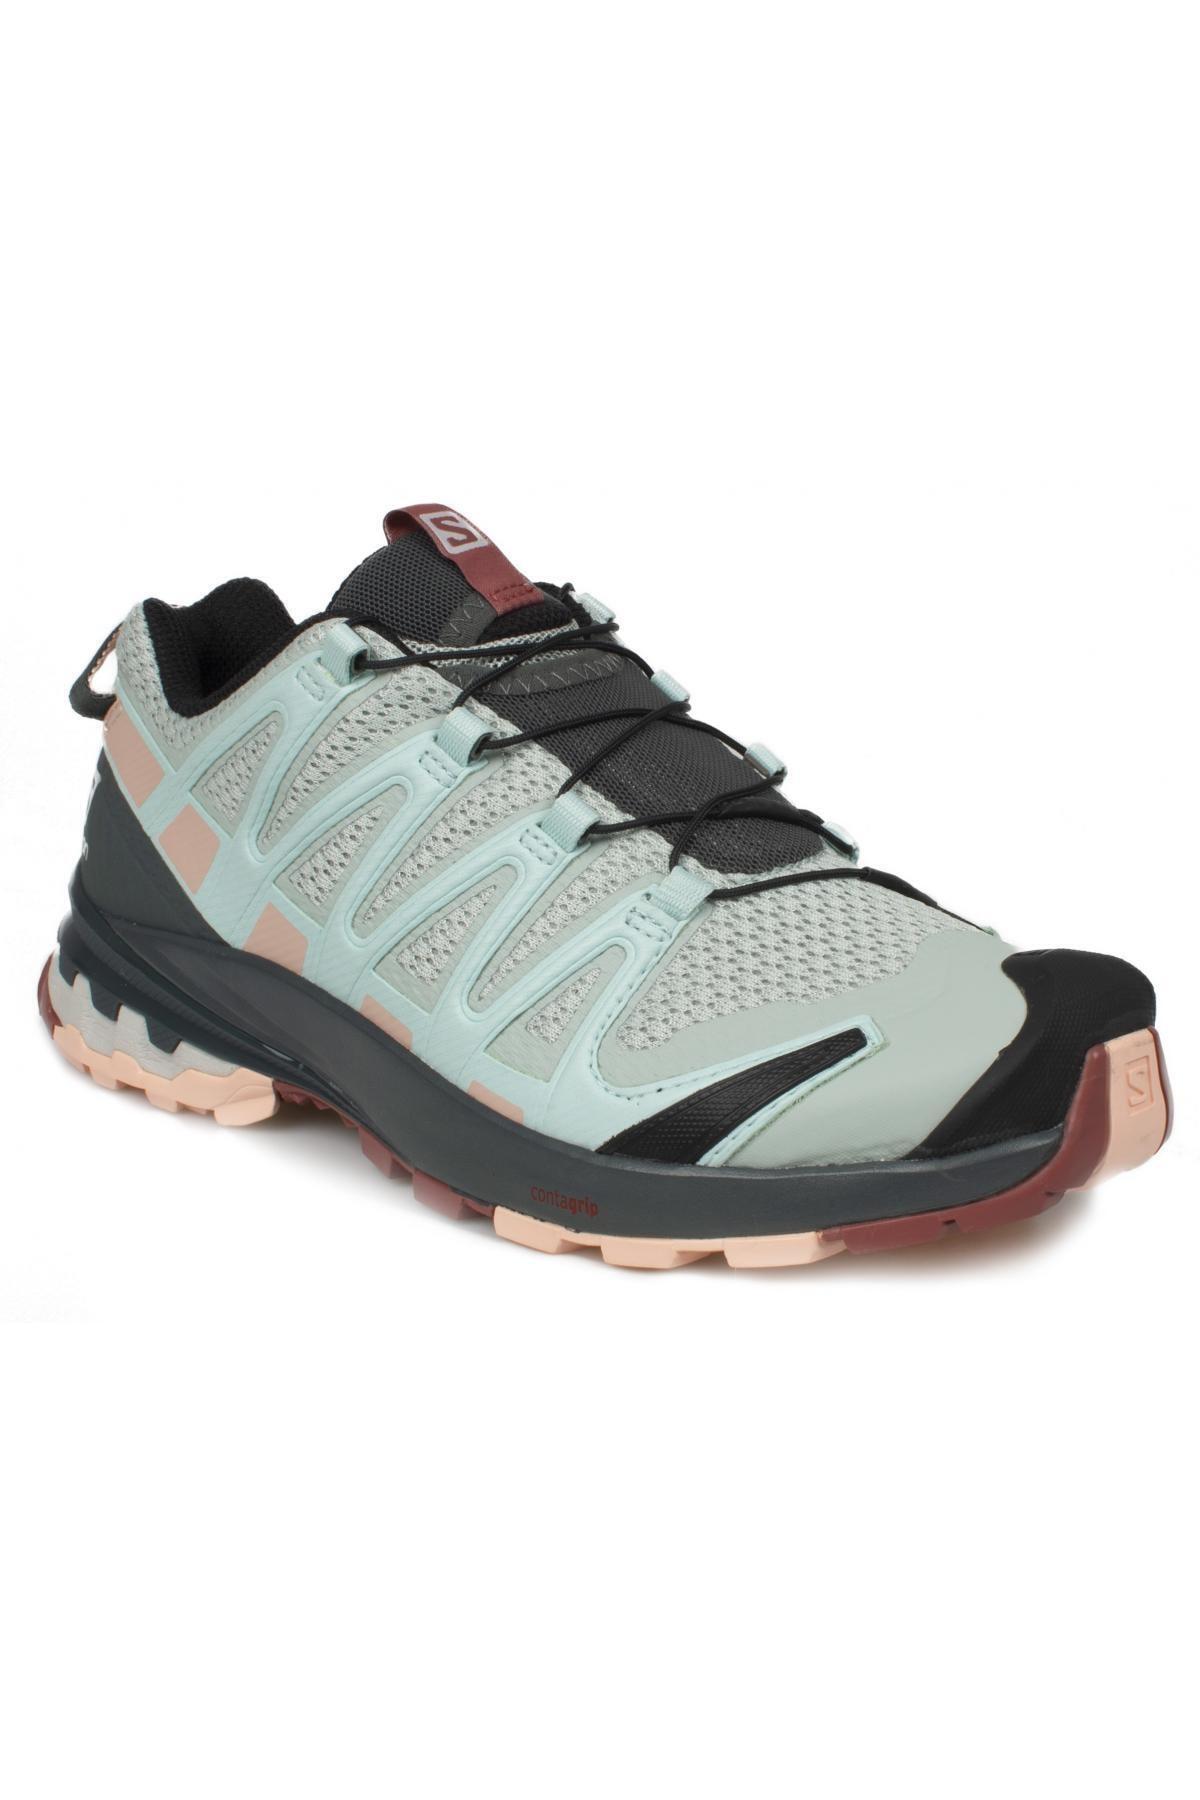 کفش کوهنوردی زنانه ترک برند Salomon رنگ نقره ای کد ty118010009